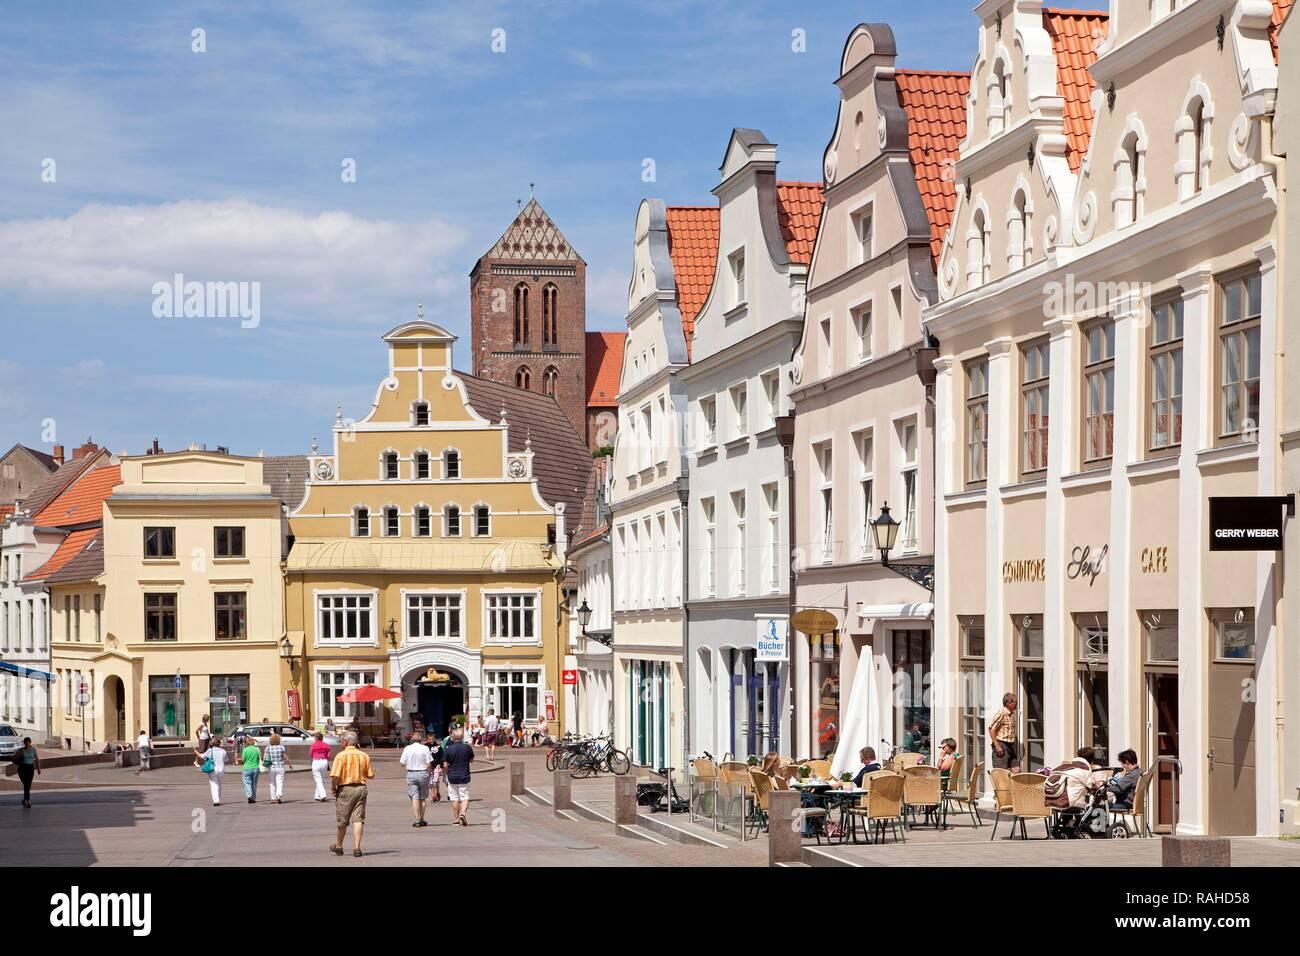 Kraemerstrasse street, Wismar, Mecklenburg-Western Pomerania - Stock Image